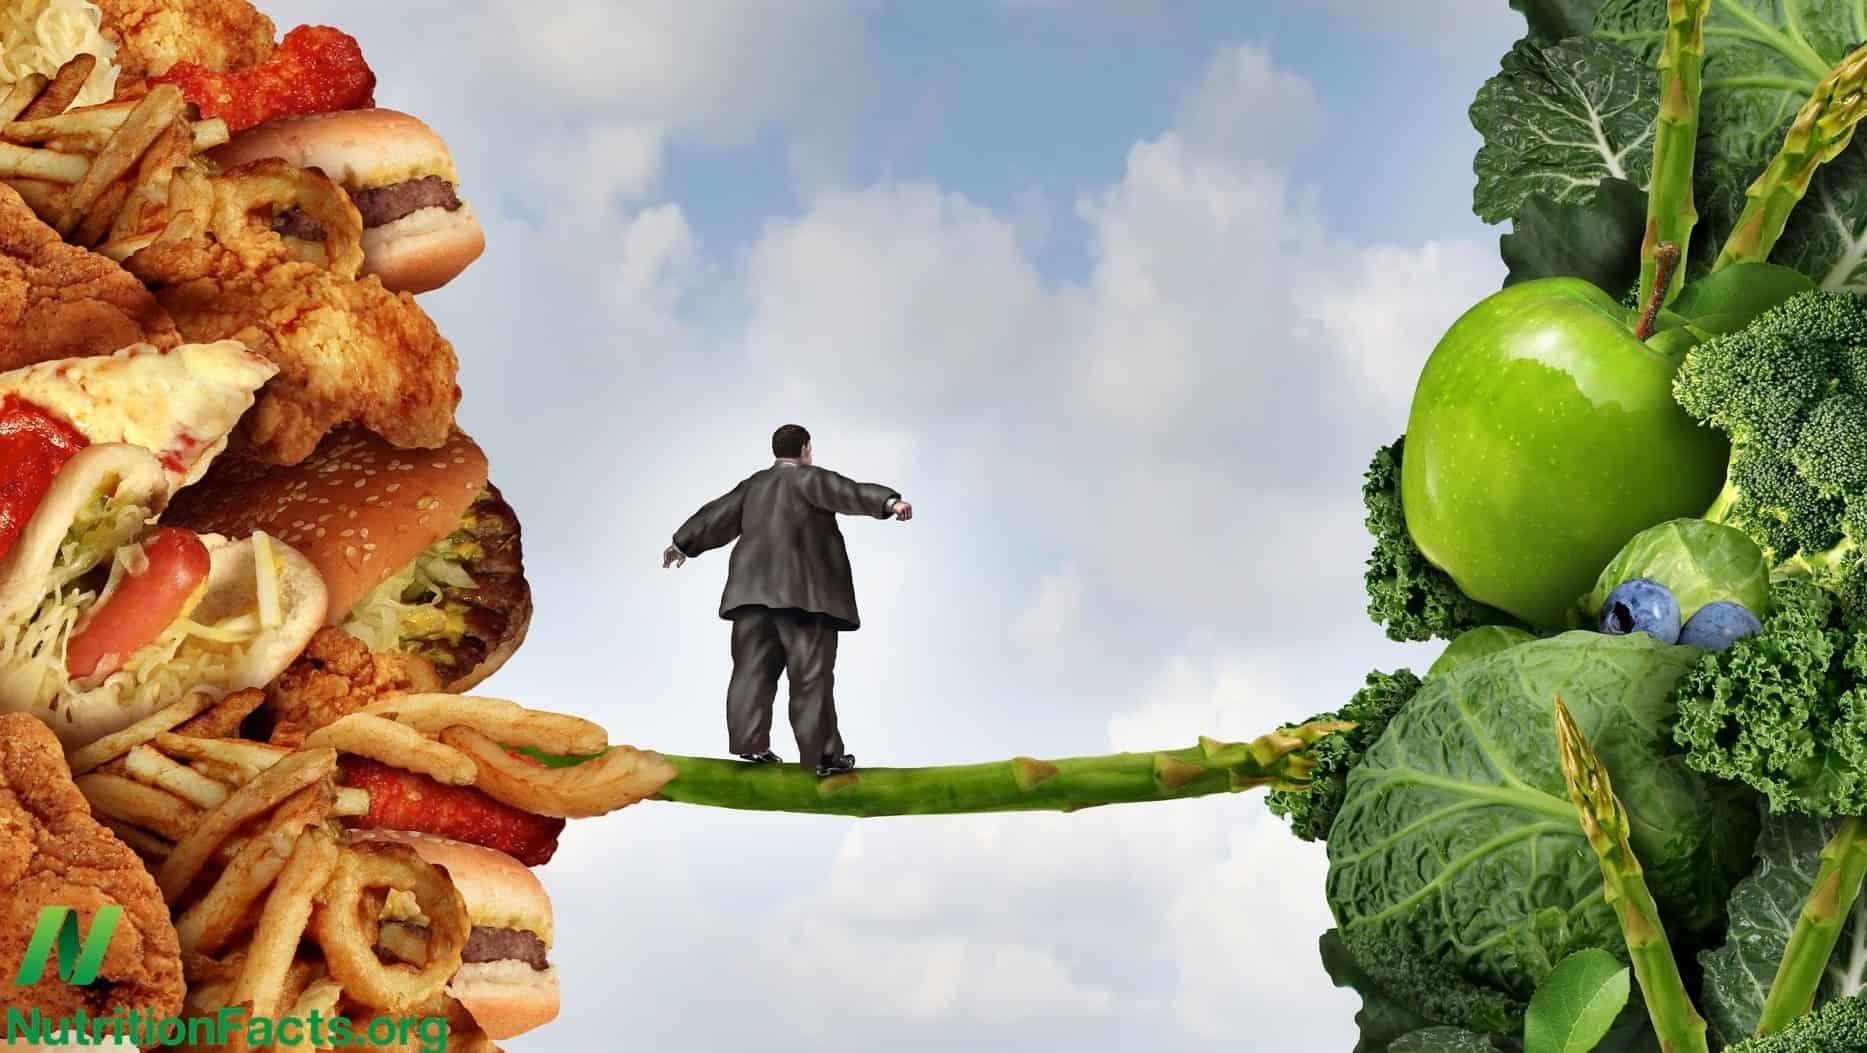 الاختيار بين الصحة والمرض الحمية النباتية